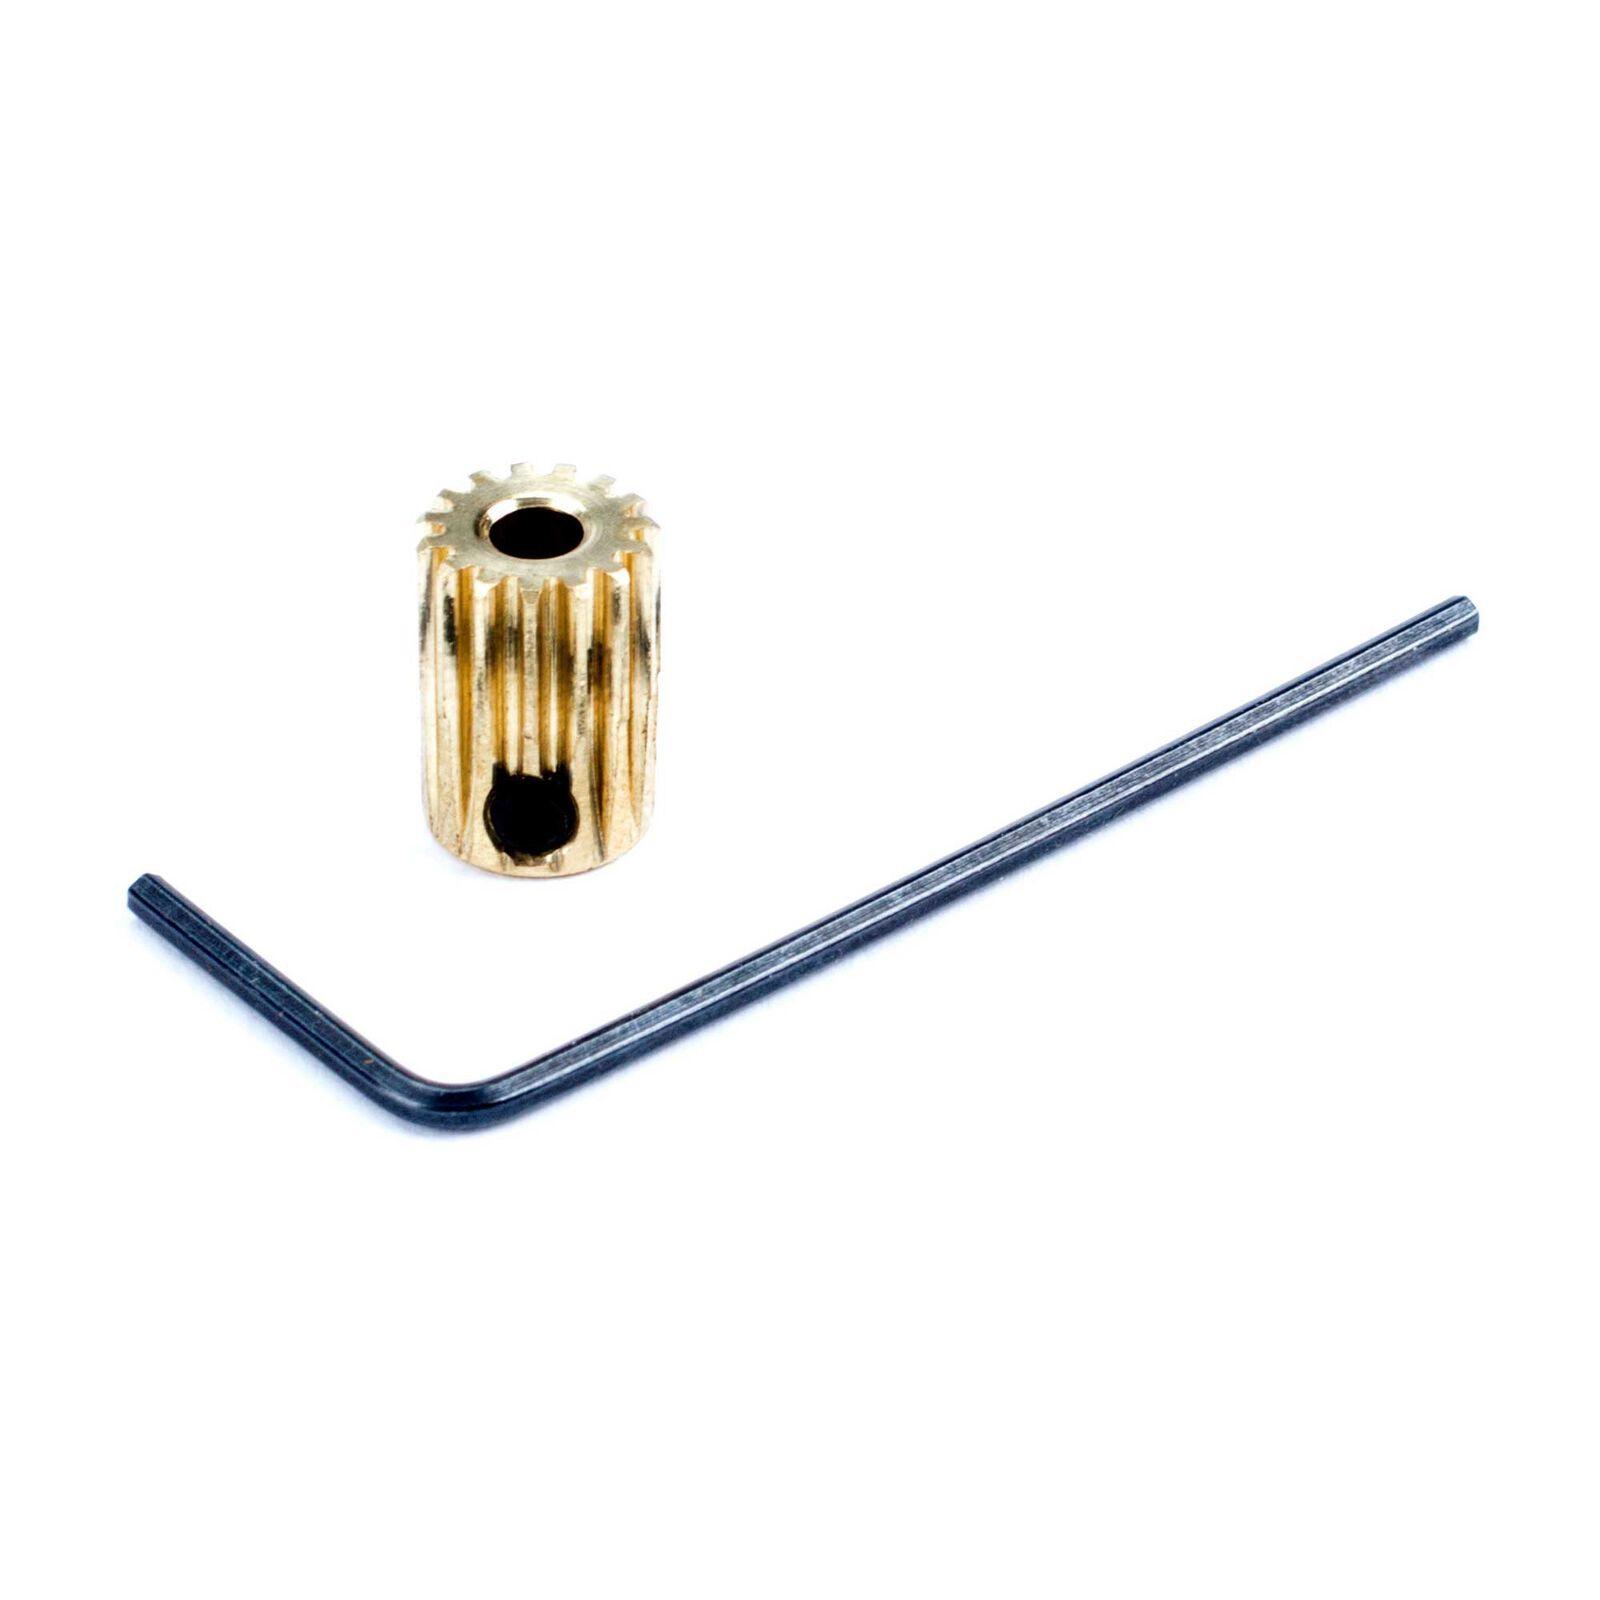 Pinion Gear, 15T 0.5 Module 1/8 ID x 12mm L